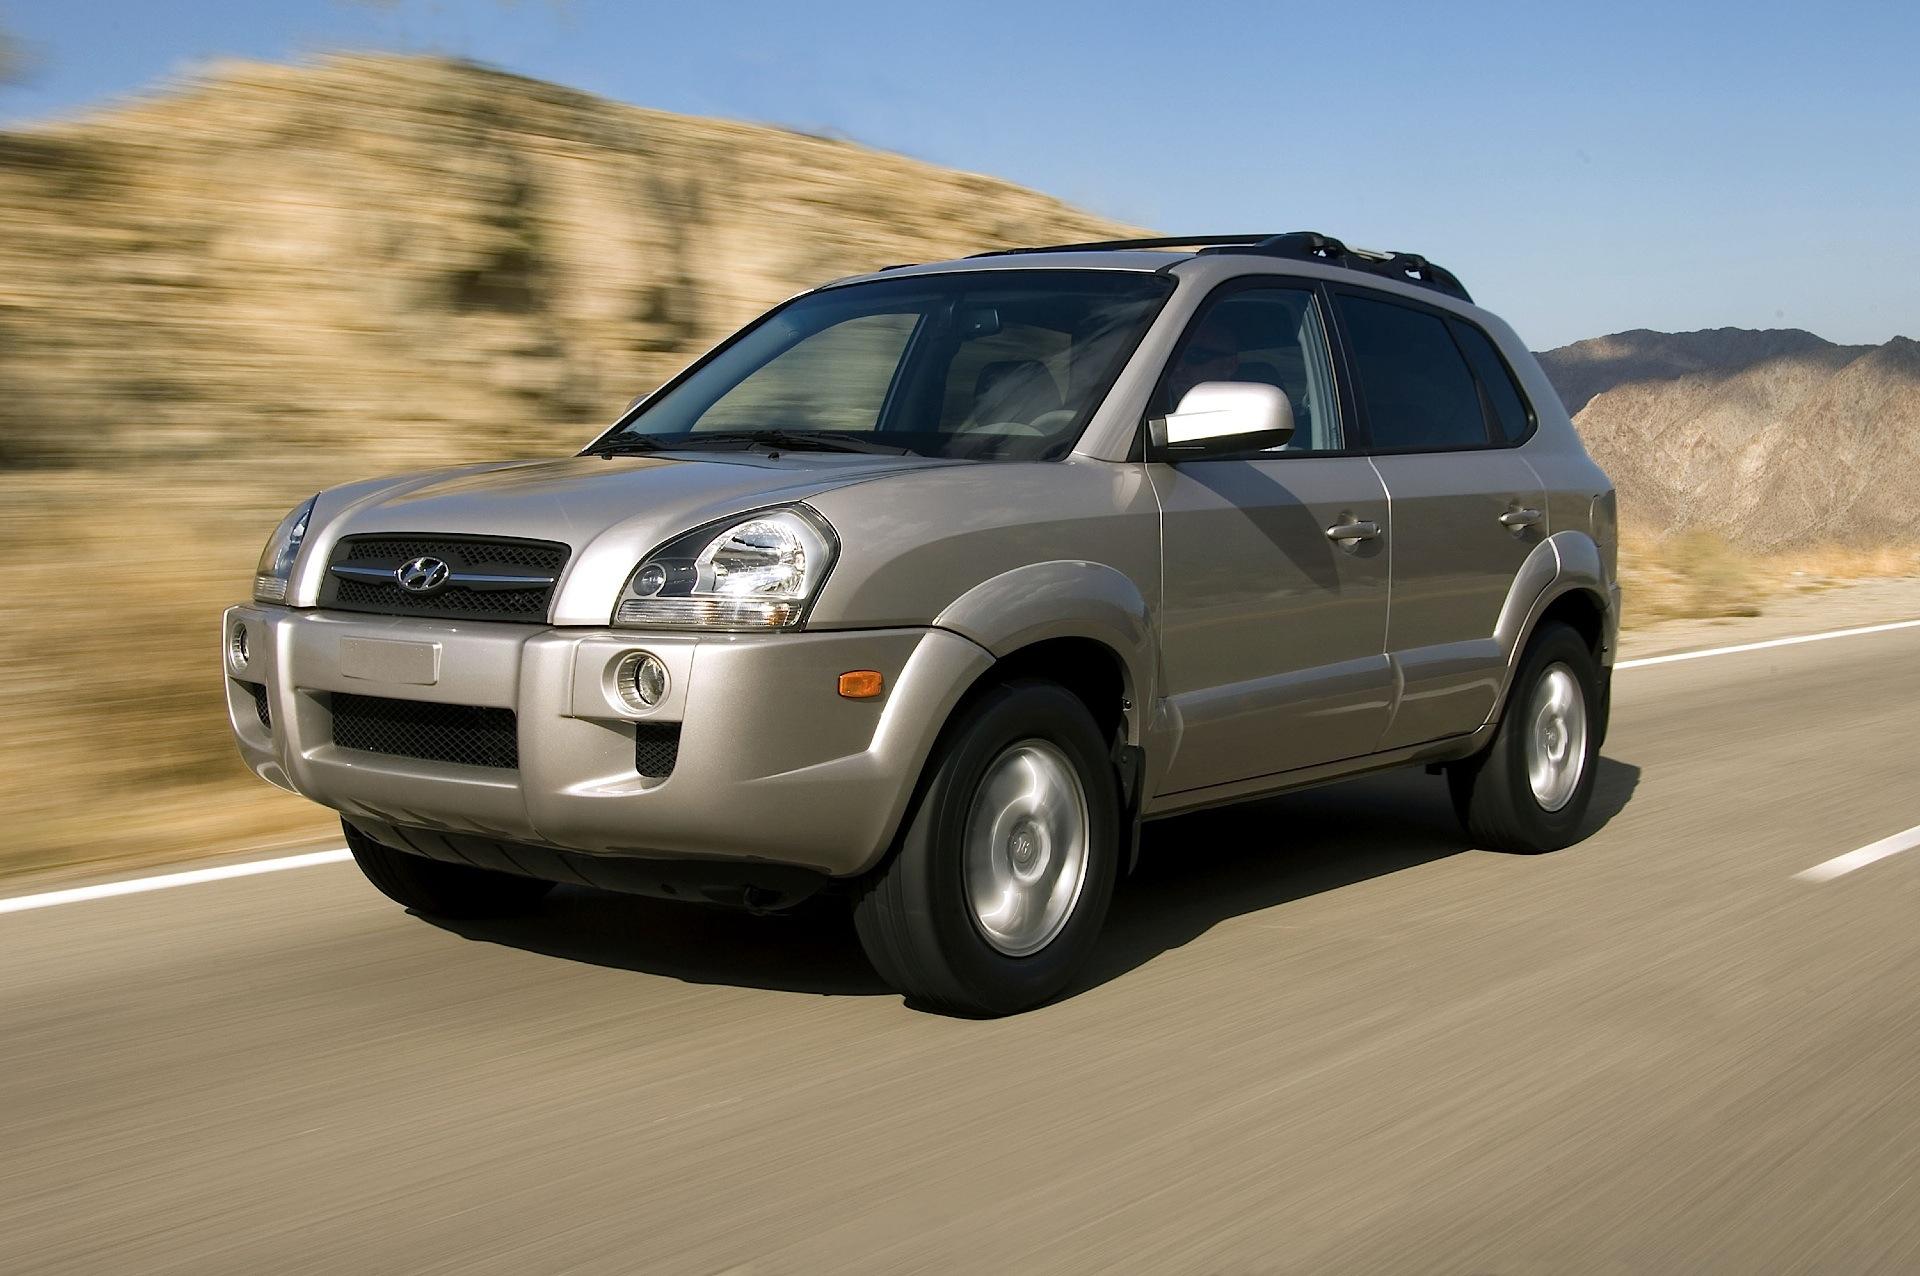 Hyundai Tucson - 2004  2005  2006  2007  2008  2009